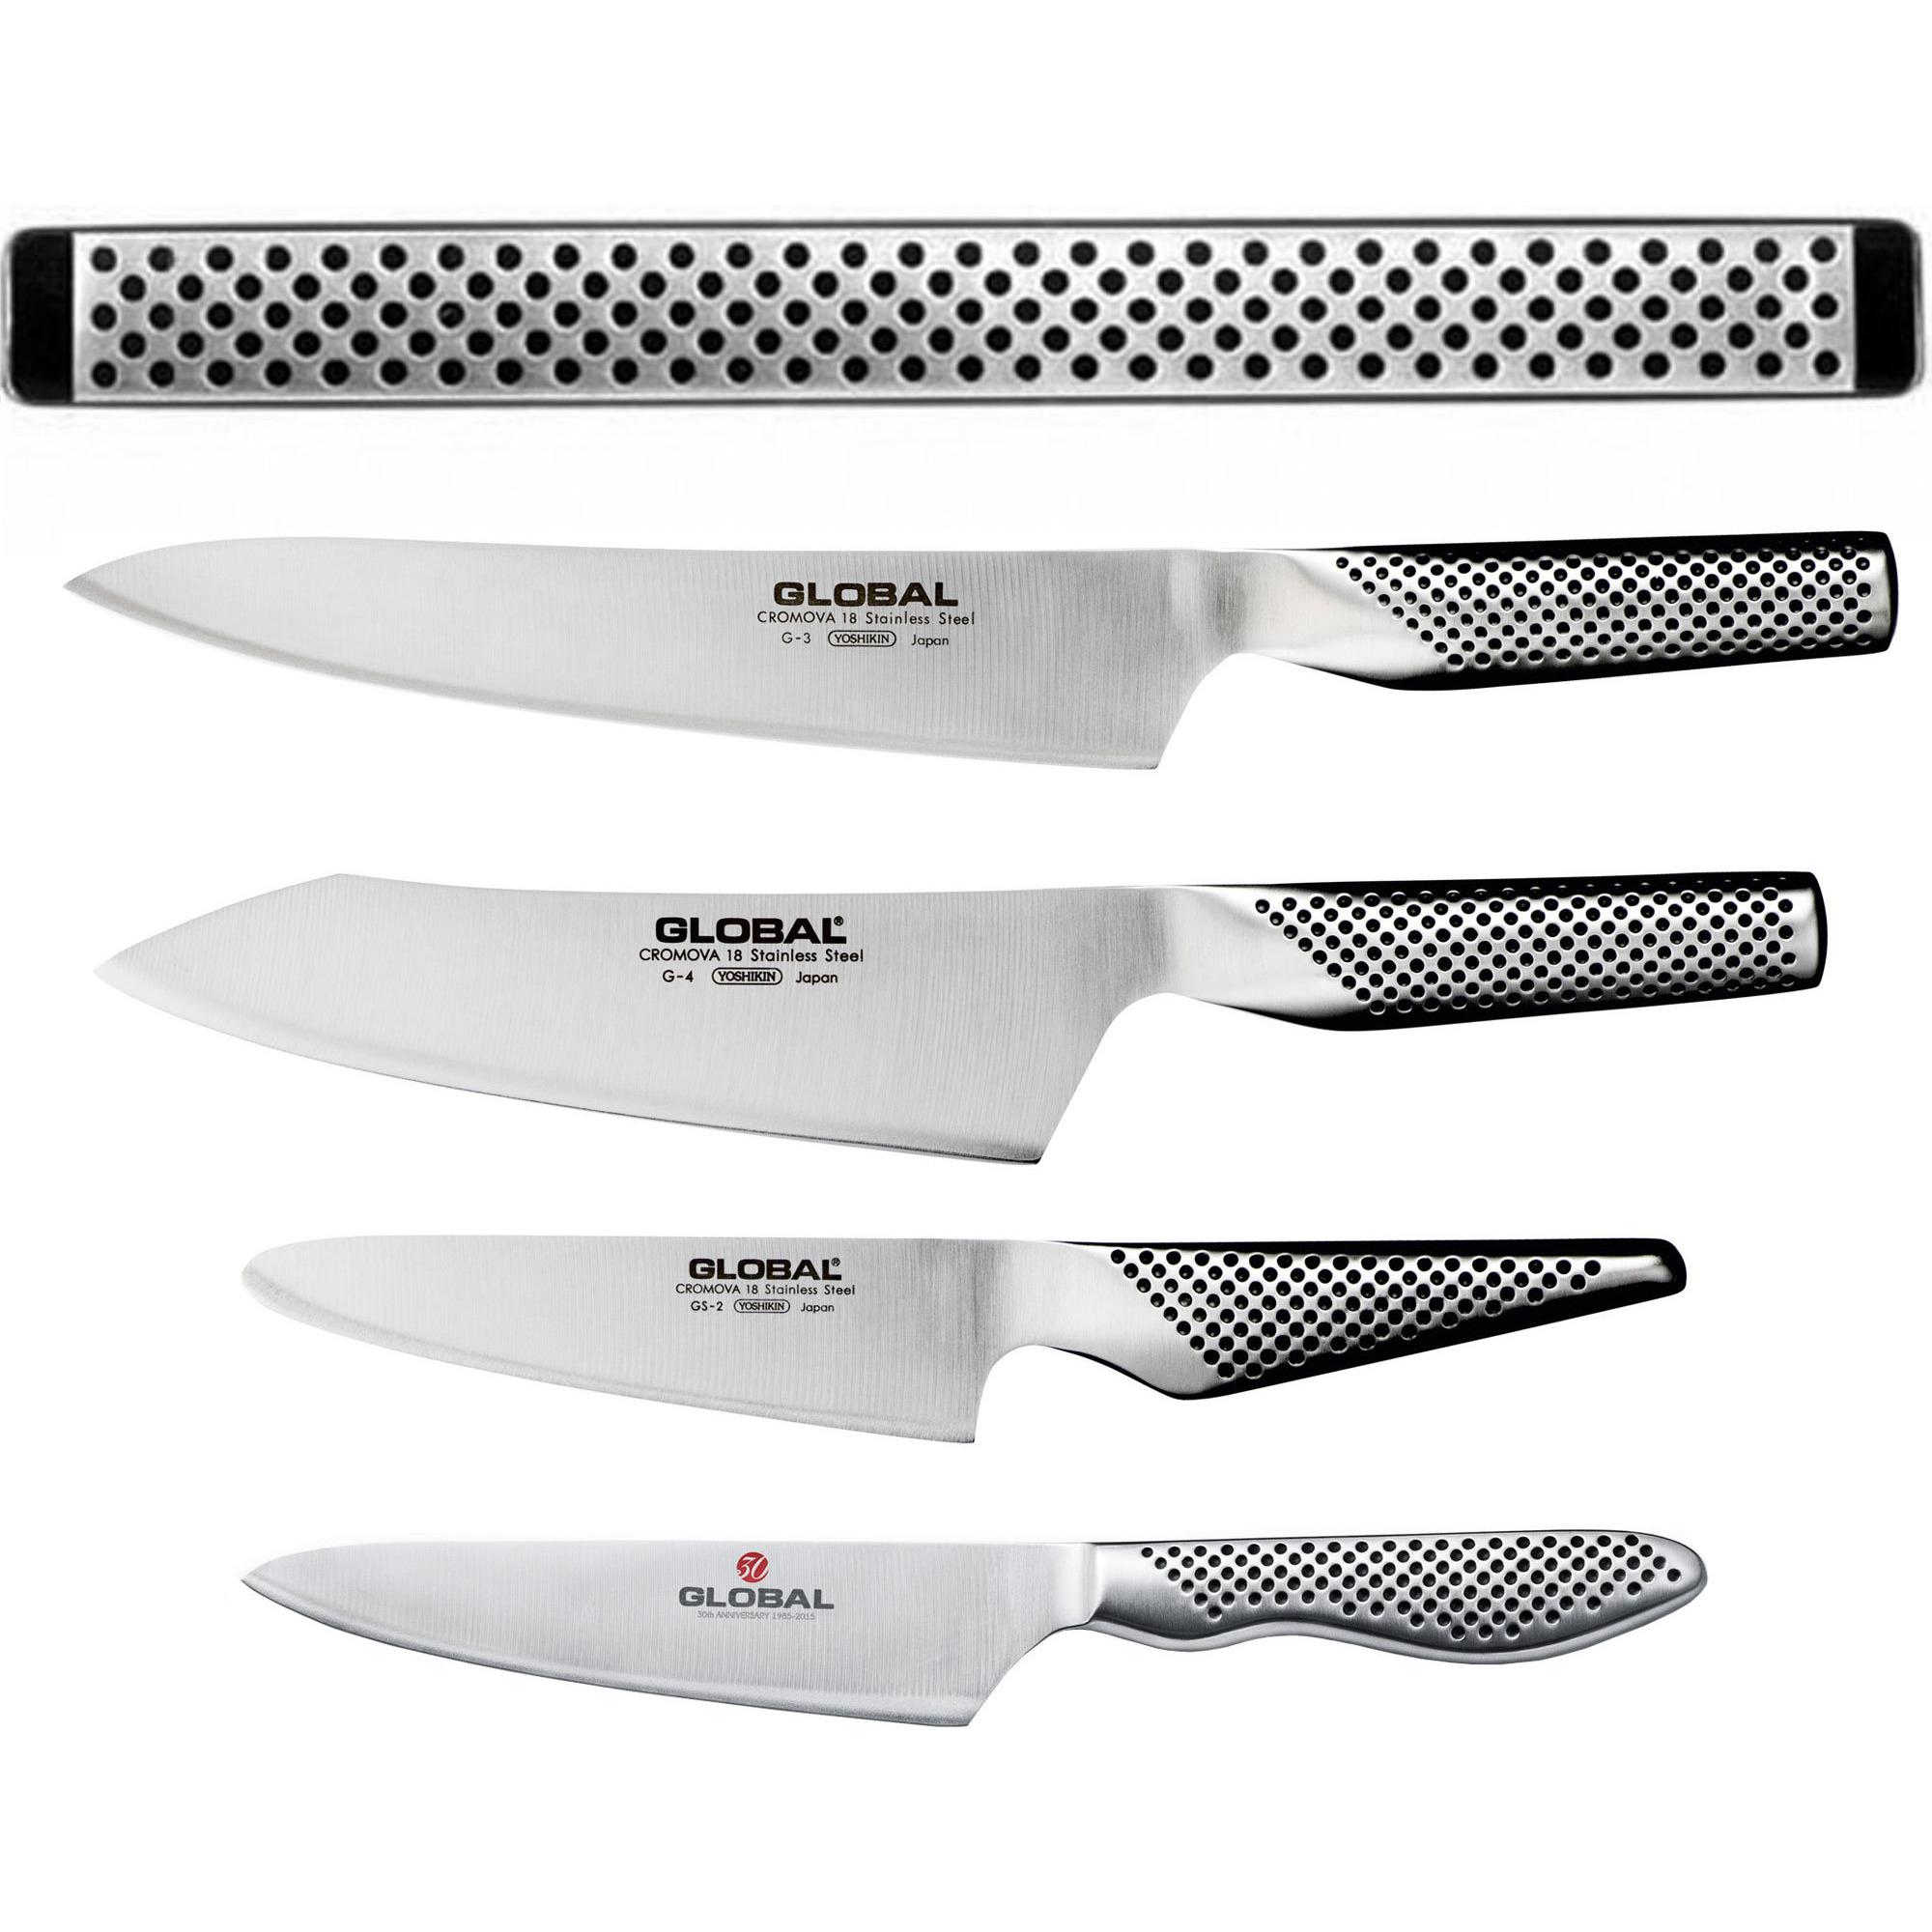 Global knivset 5 delar